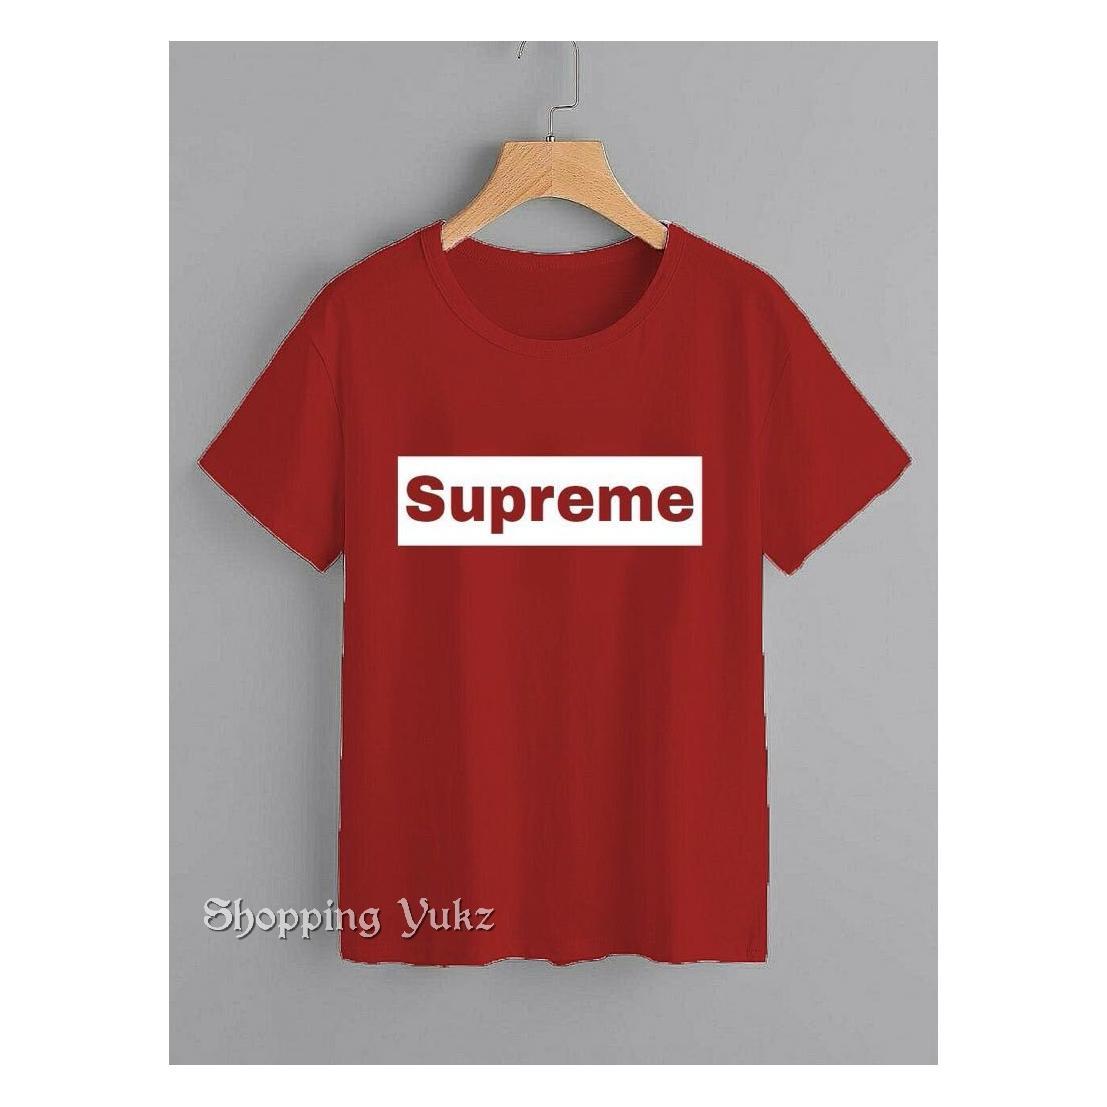 Shopping Yukz Kaos Wanita SUPREME / T-shirt Wanita / Kaos Cewek / Tumblr Tee